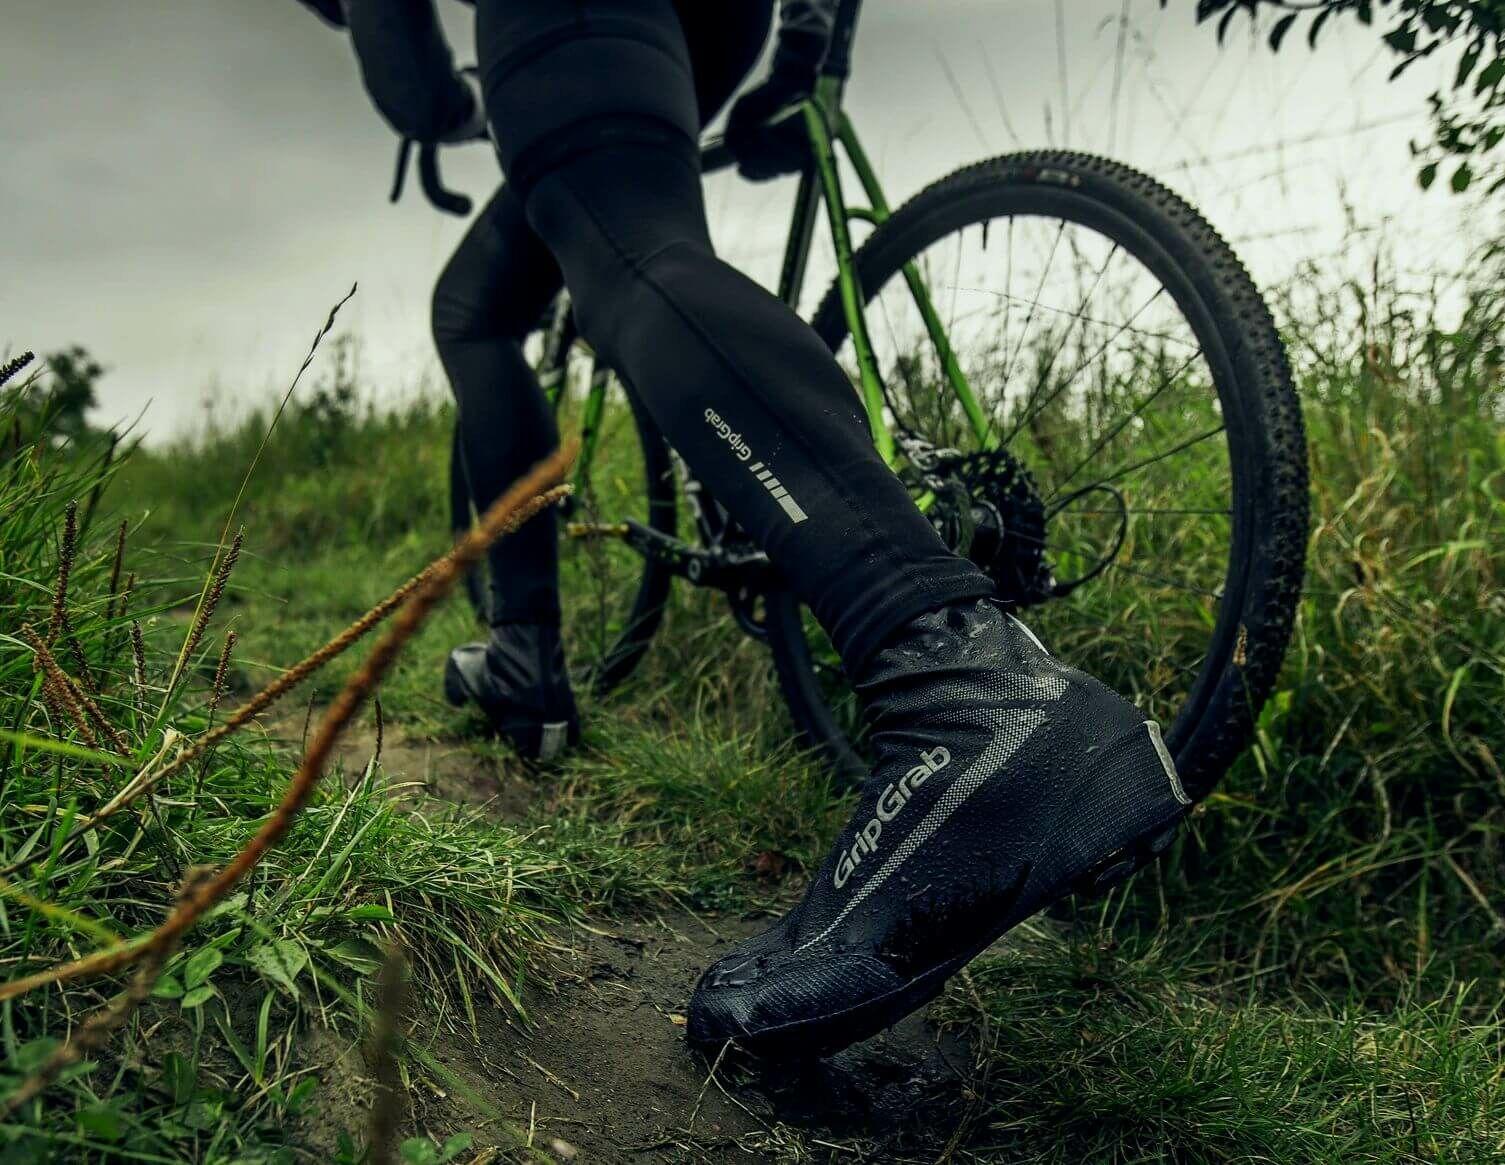 9_hogyan öltözködj kerékpározáshoz szélben hűvös időjárásban